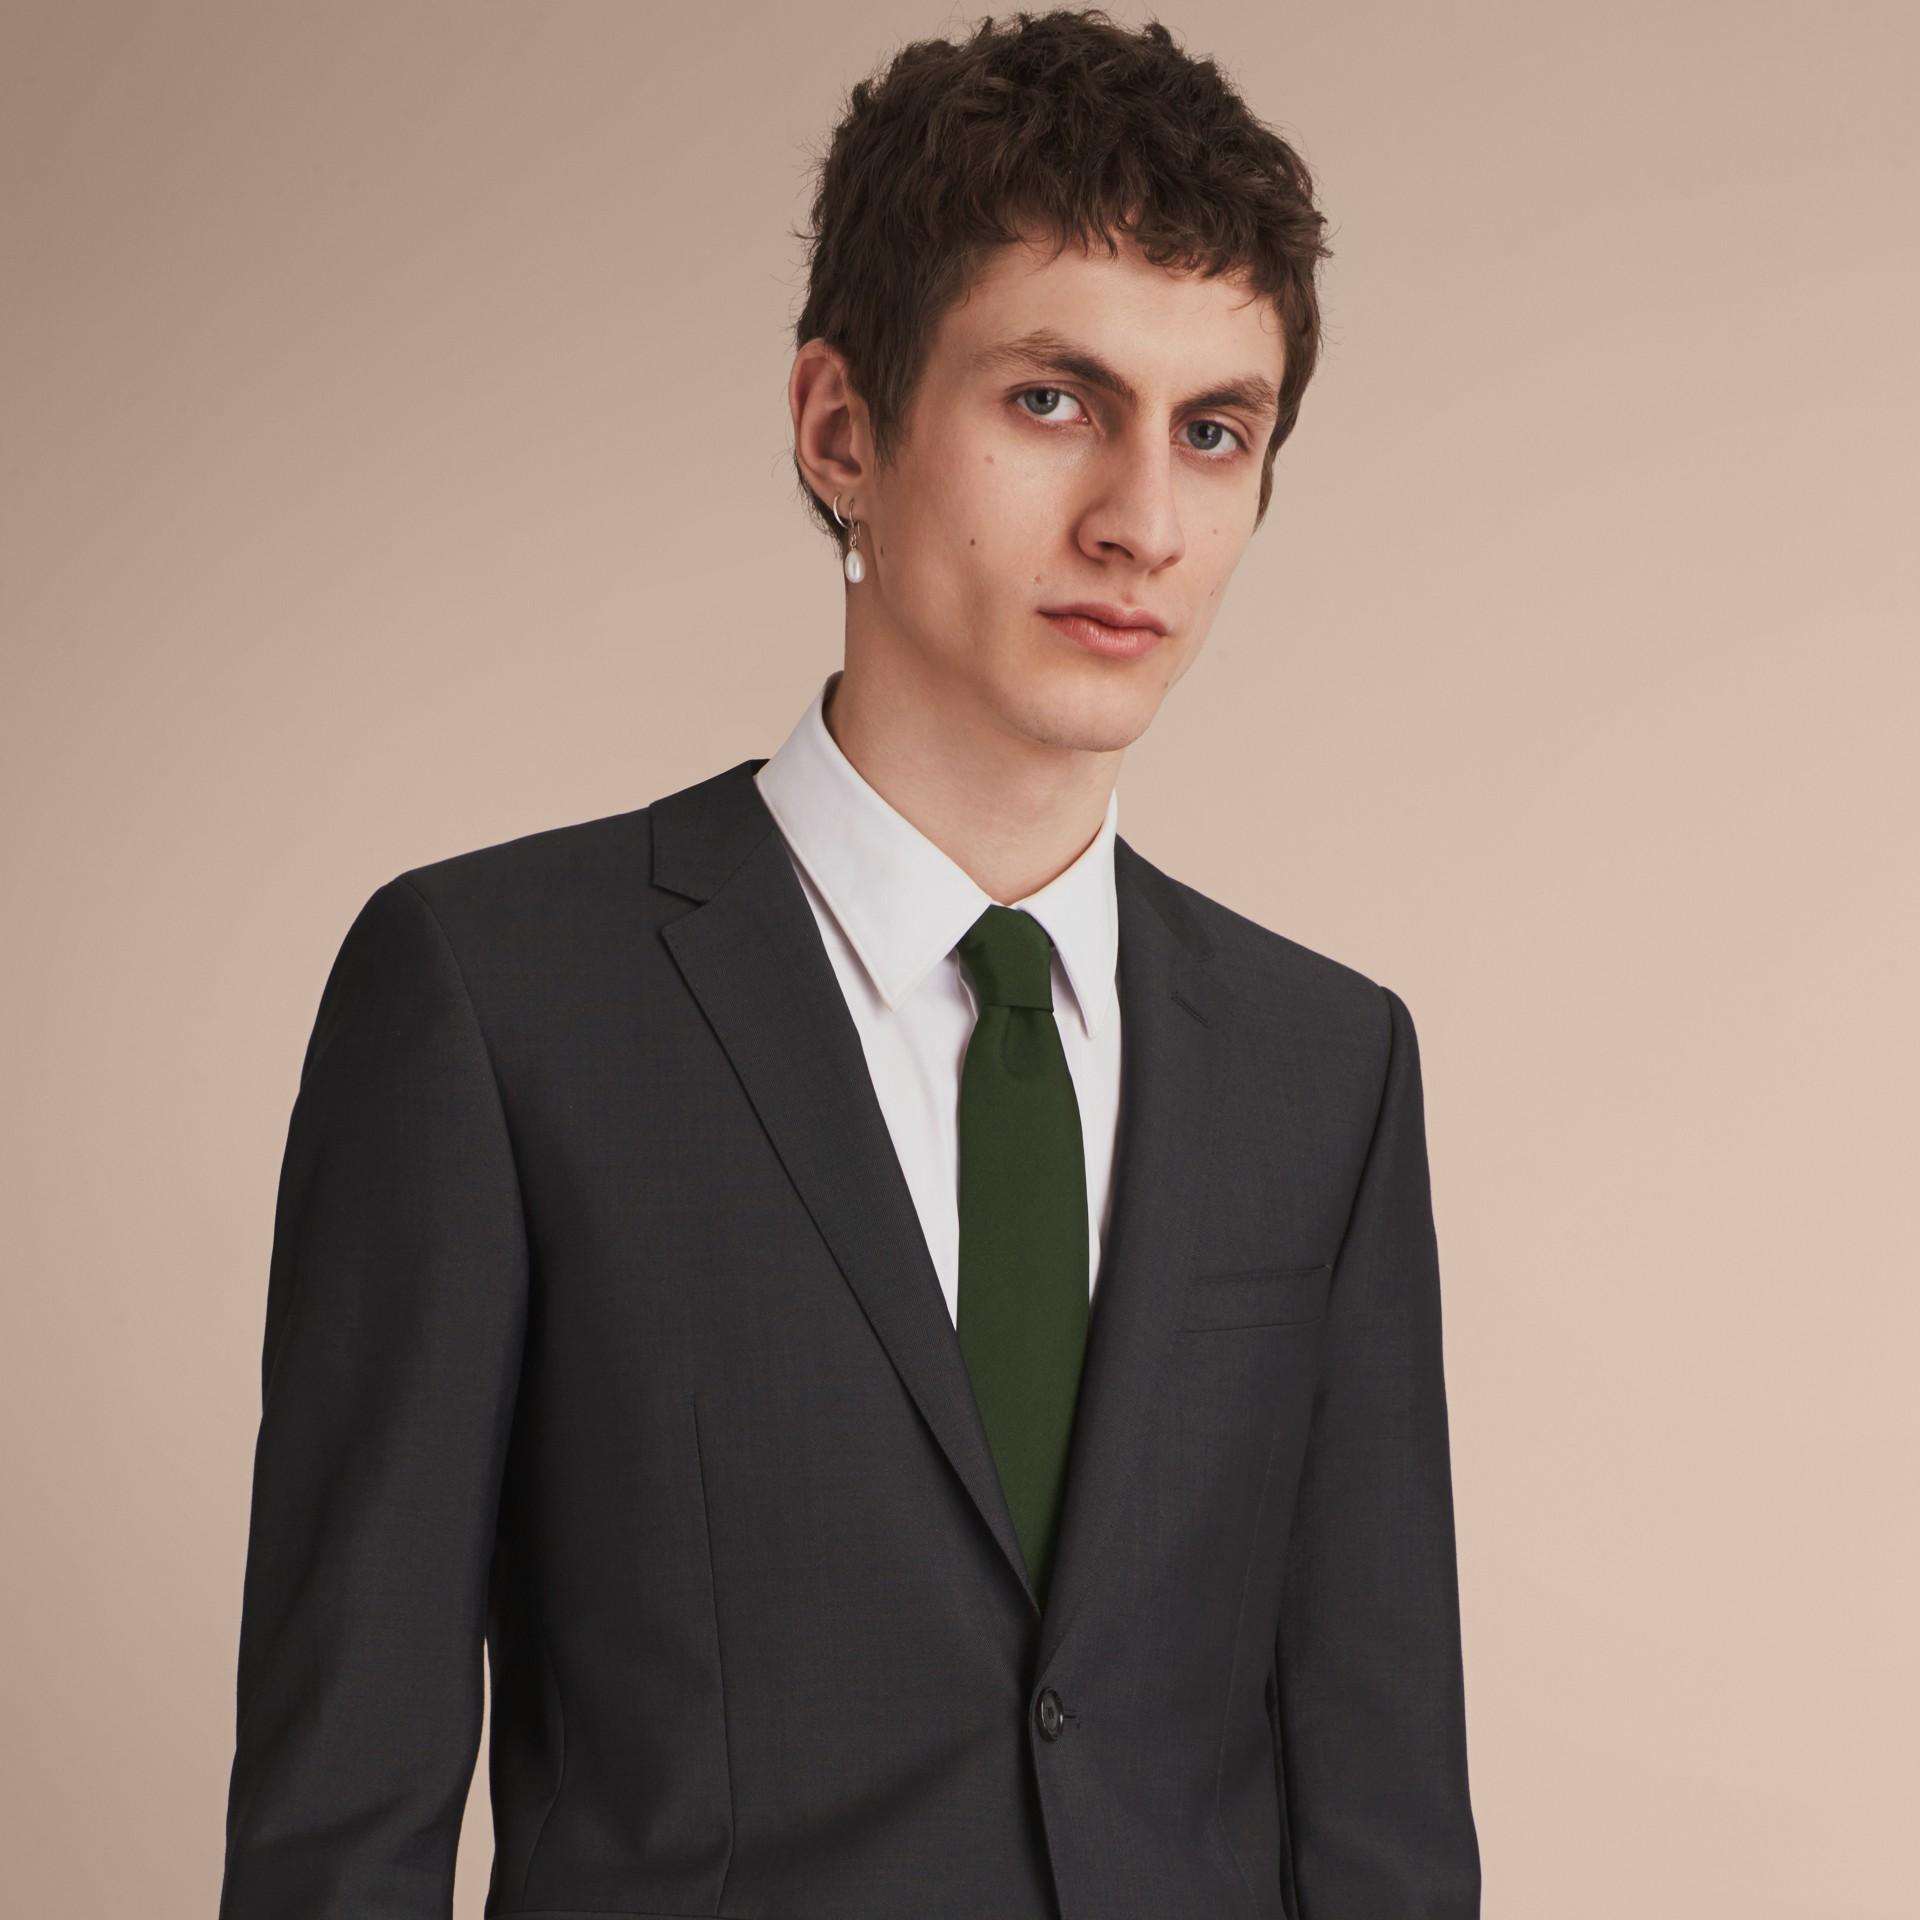 Gravata de sarja de seda com corte moderno Verde Floresta Escuro - galeria de imagens 3